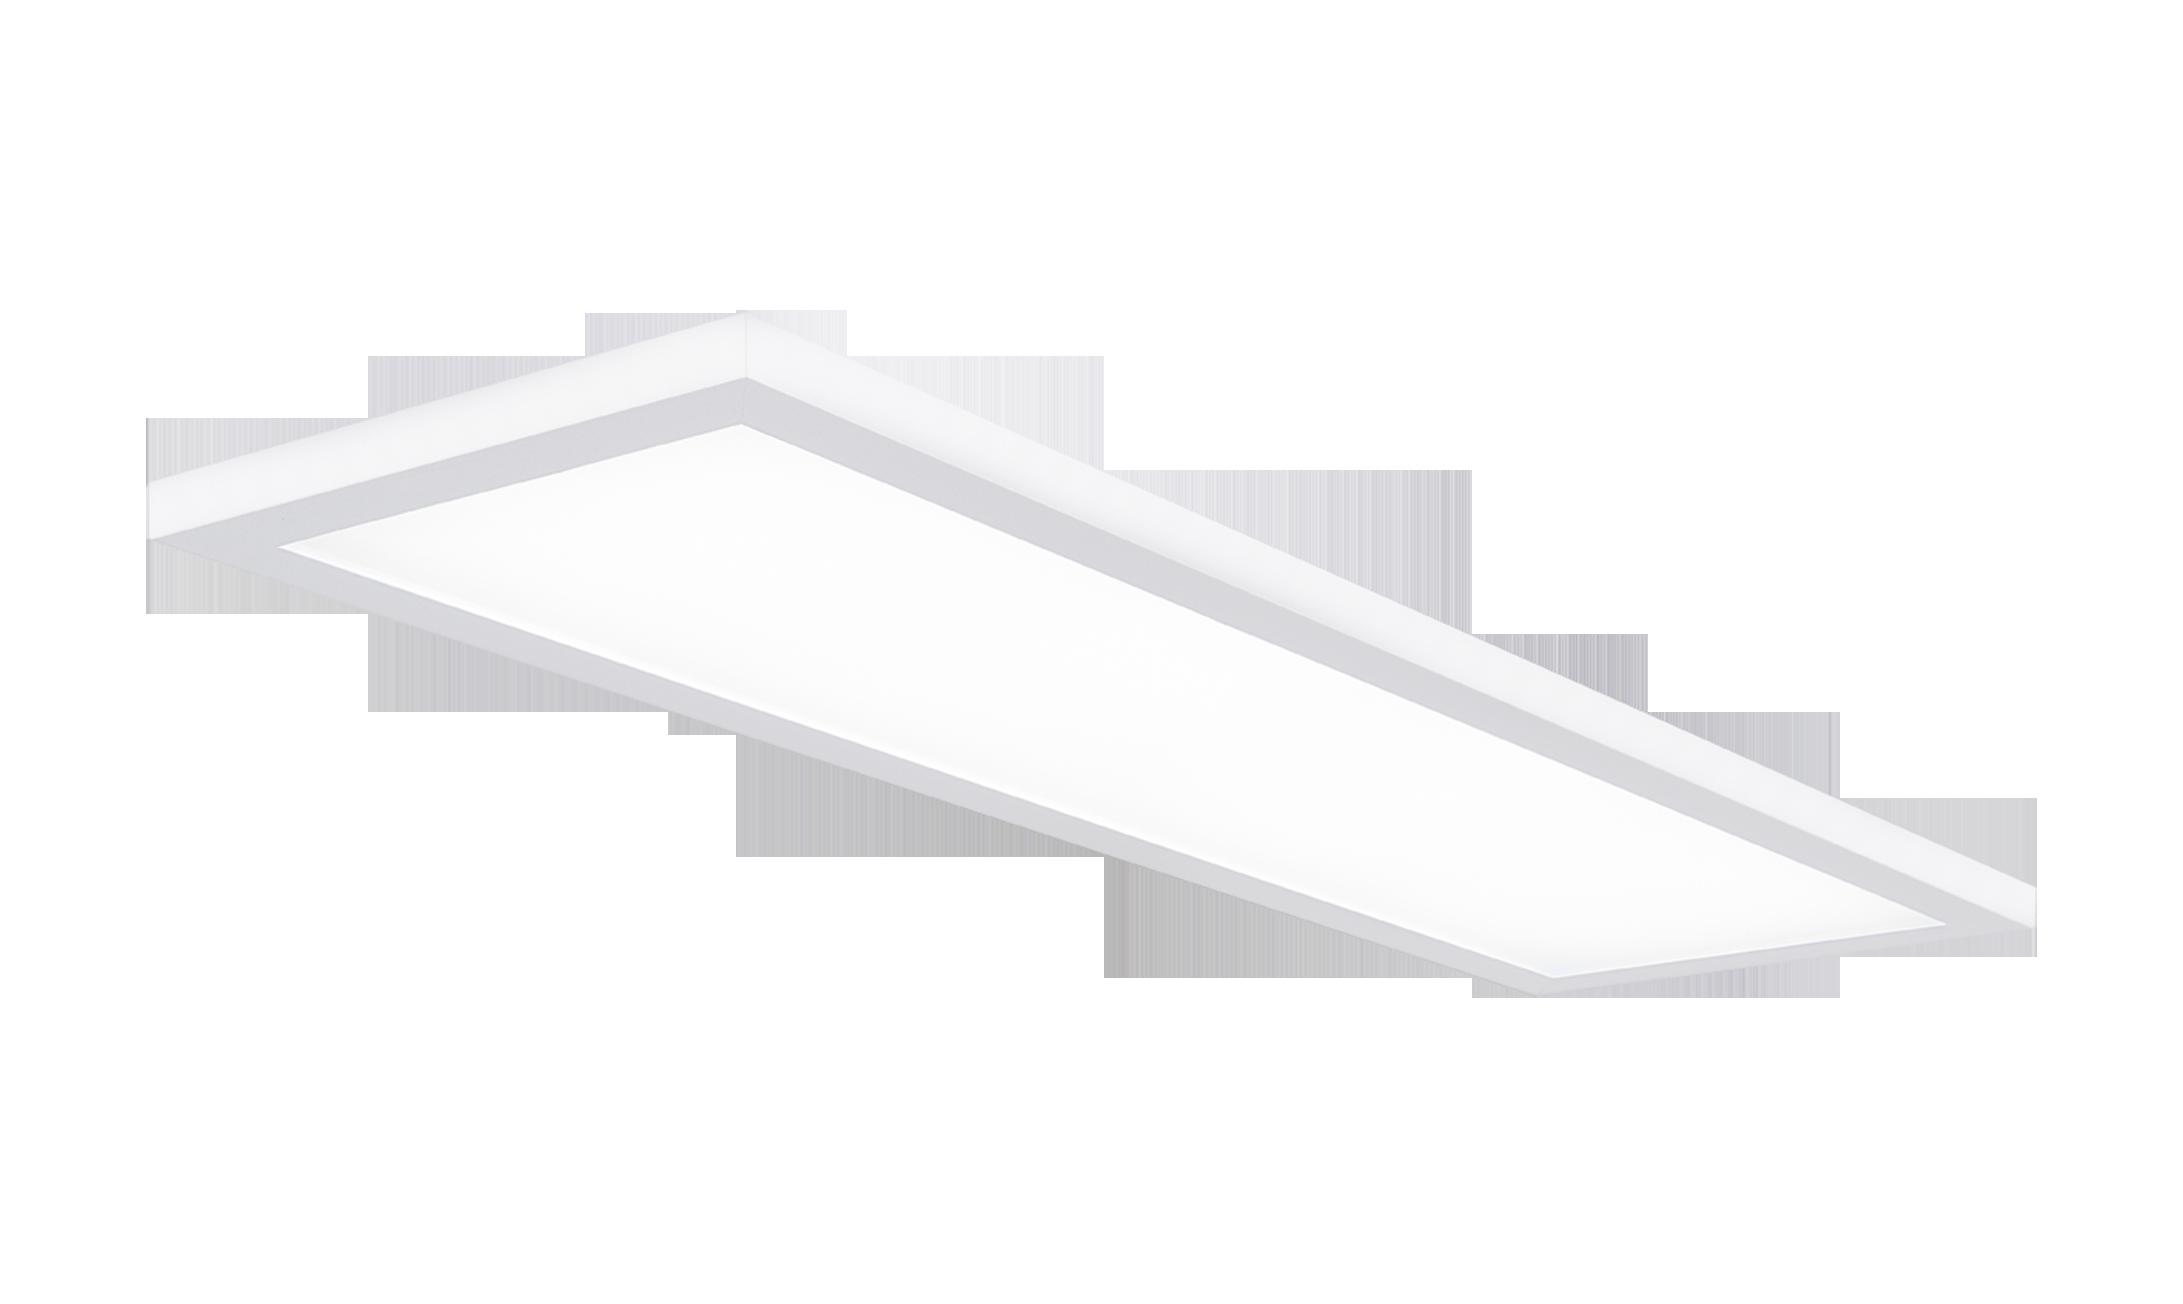 albedo-LEDd65-2